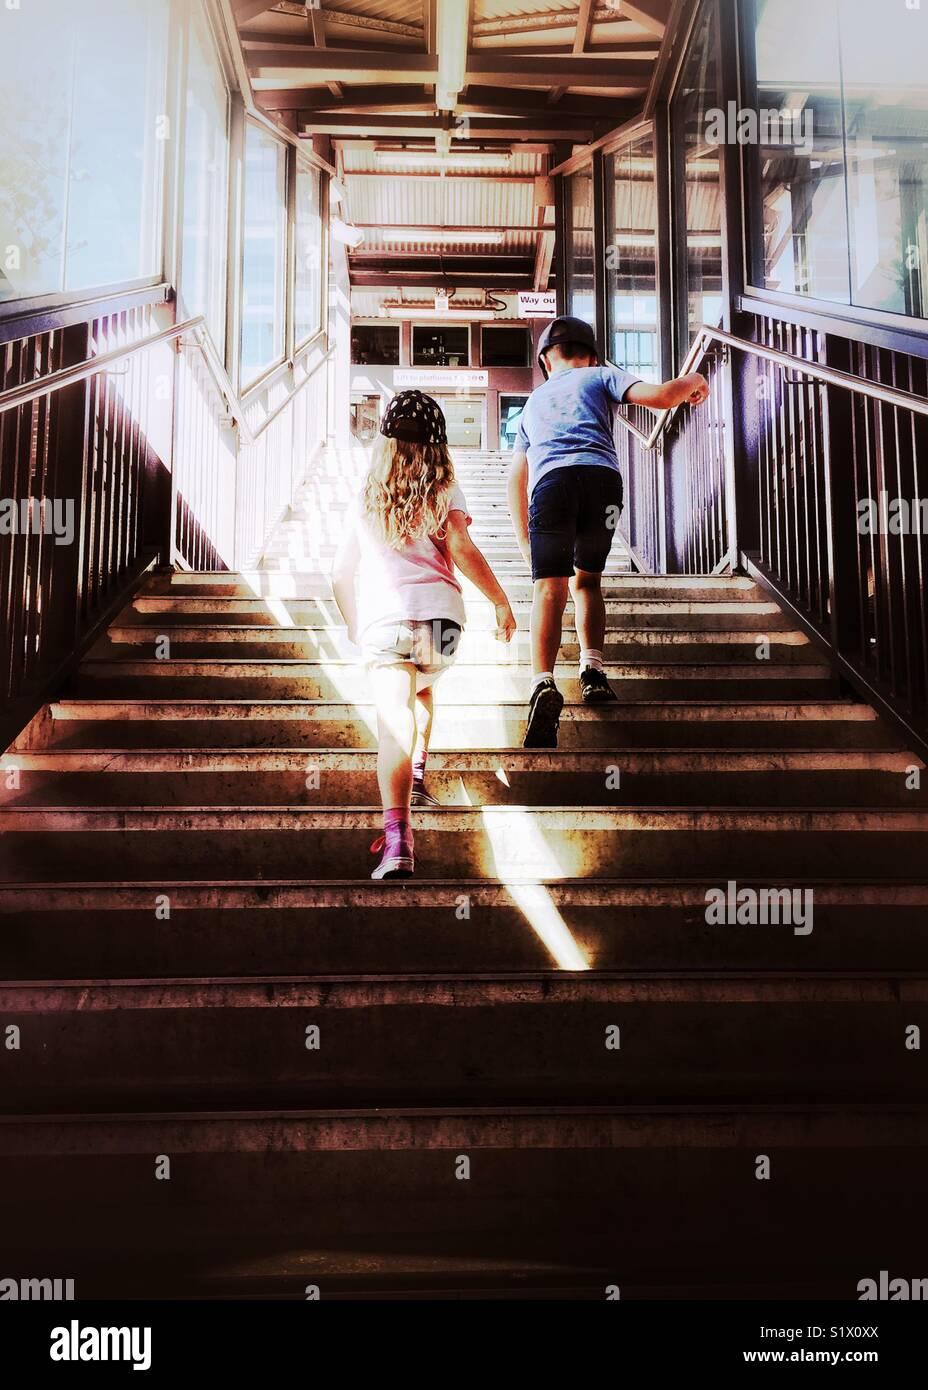 Dos niños subir escaleras en la estación de ferrocarril. Chico y chica subir escaleras a través de Imagen De Stock